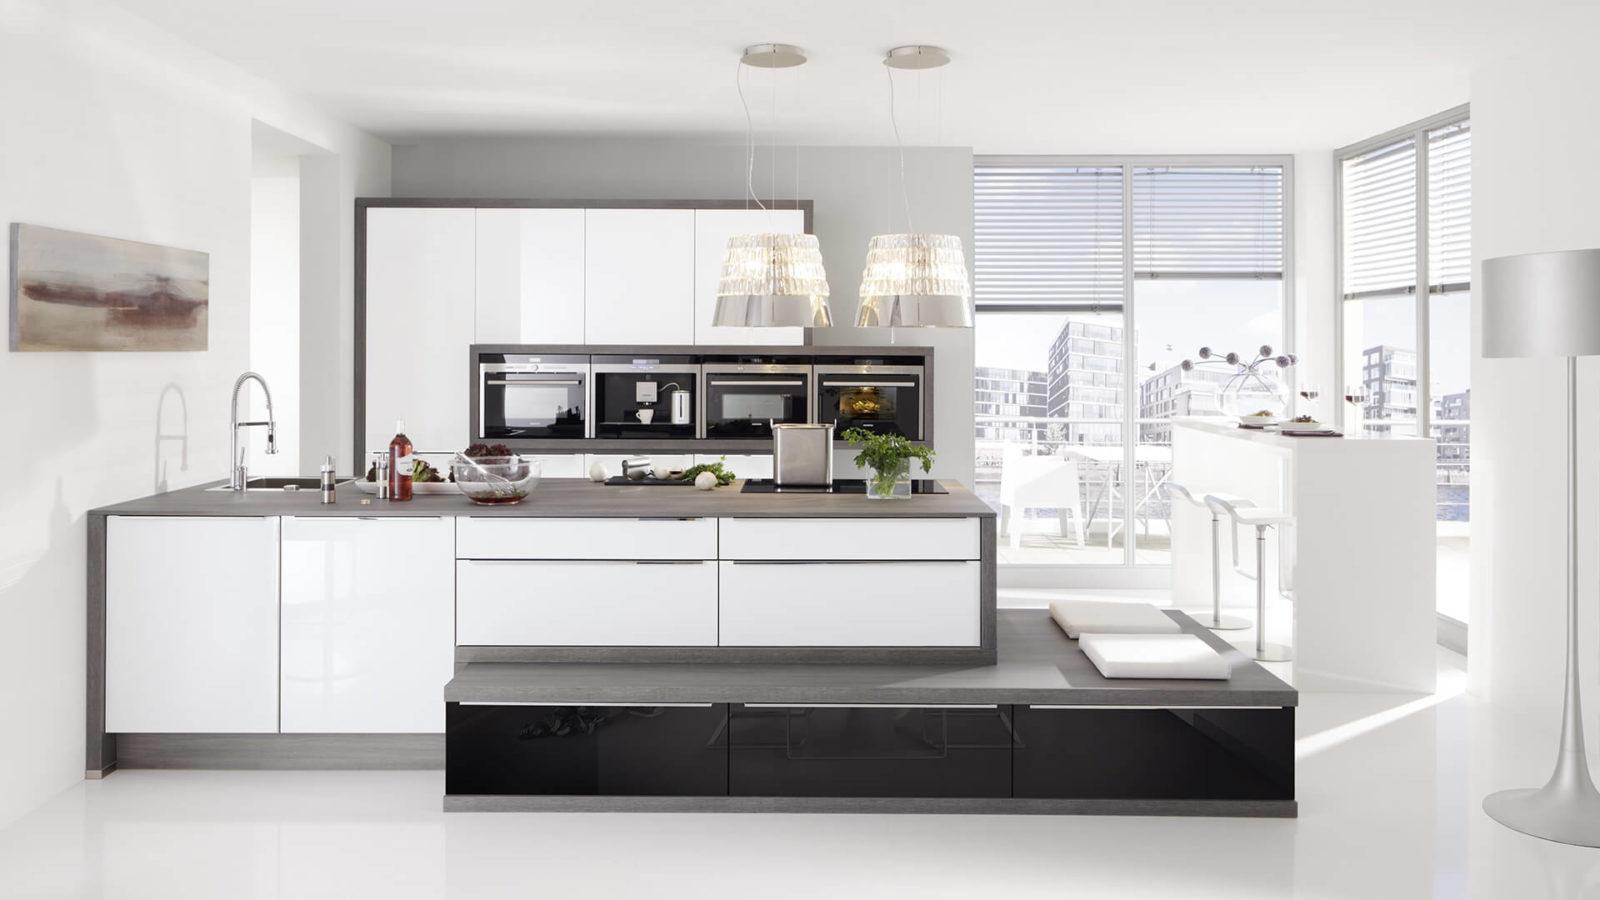 La cuisine d aur lie elton - Estrade pour cuisine ...